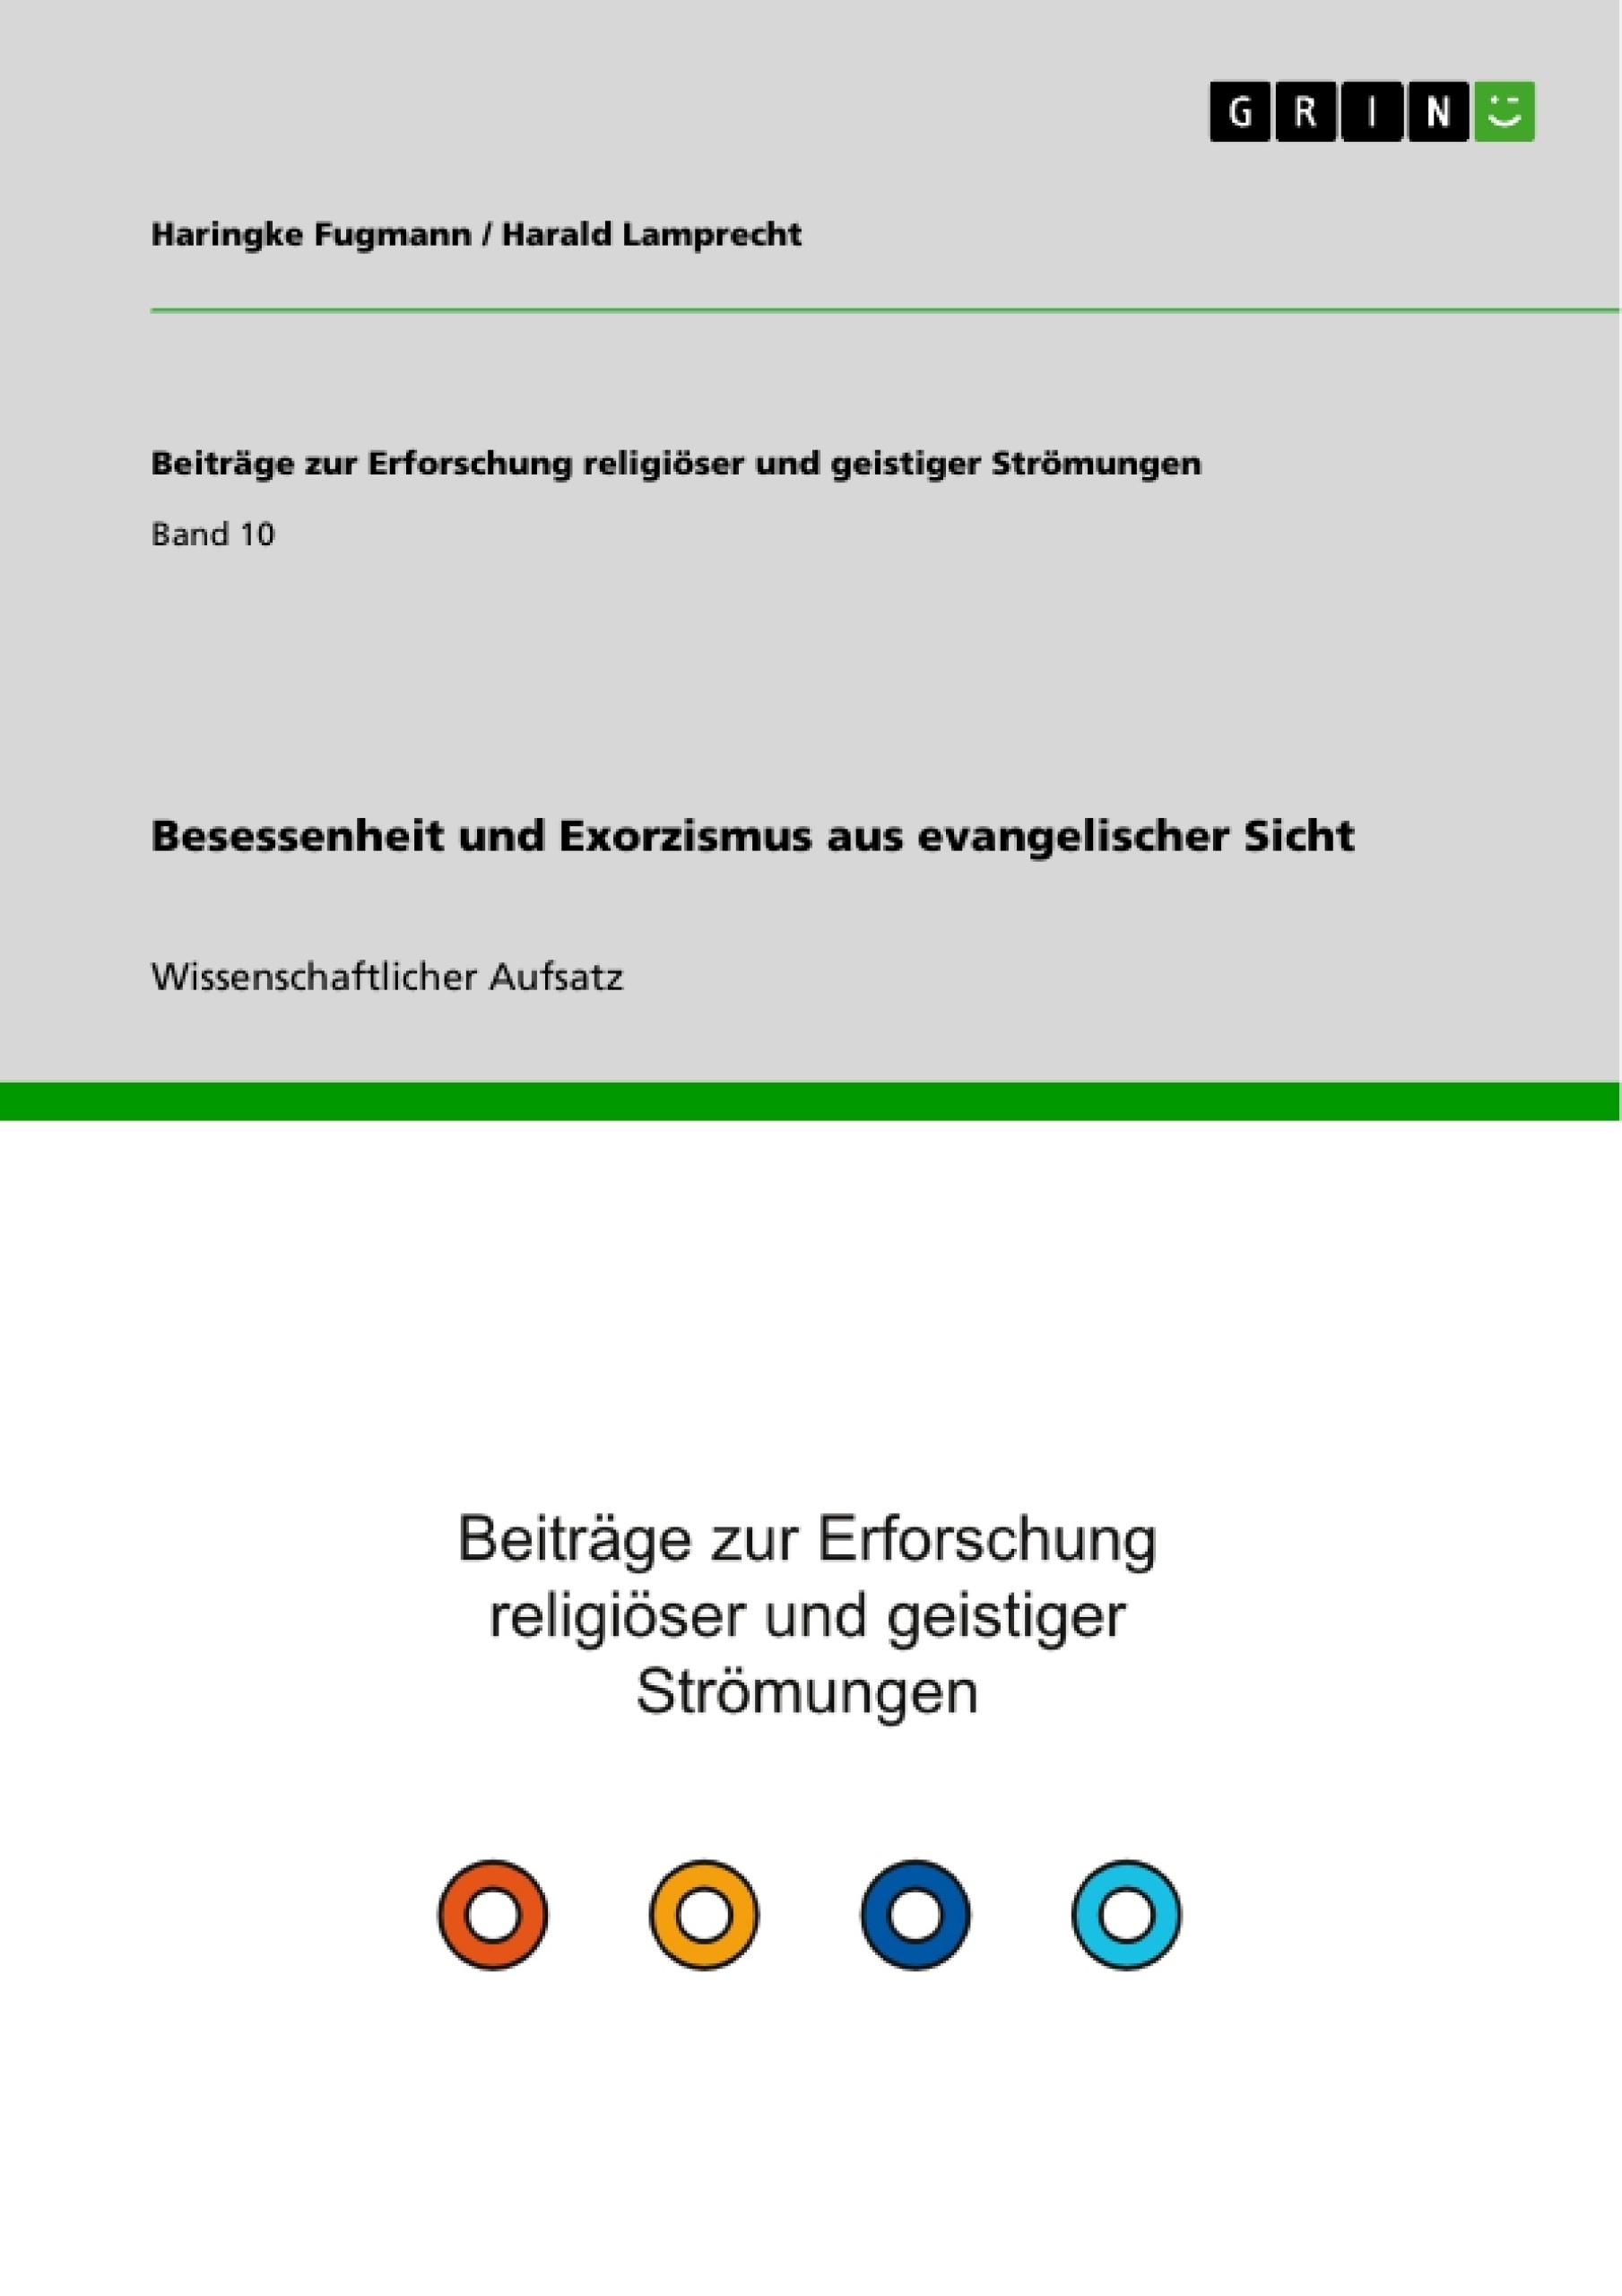 Titel: Besessenheit und Exorzismus aus evangelischer Sicht